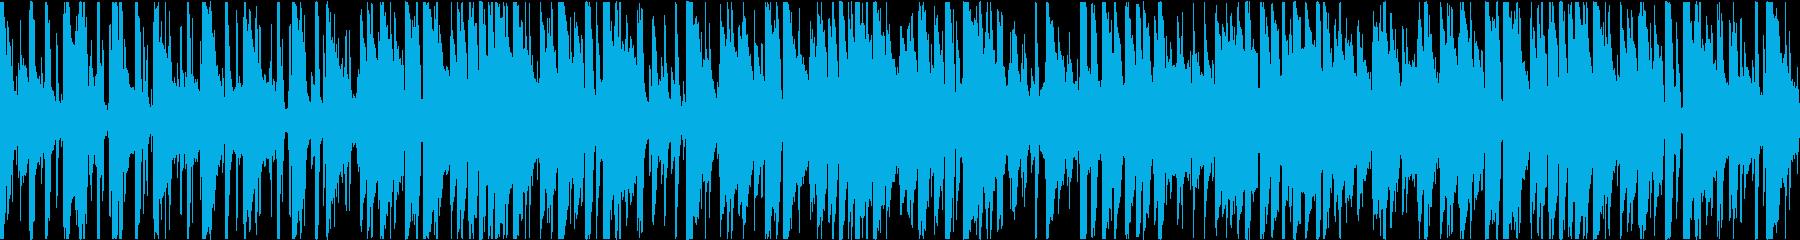 生演奏のクールなピアノ・トリオジャズの再生済みの波形